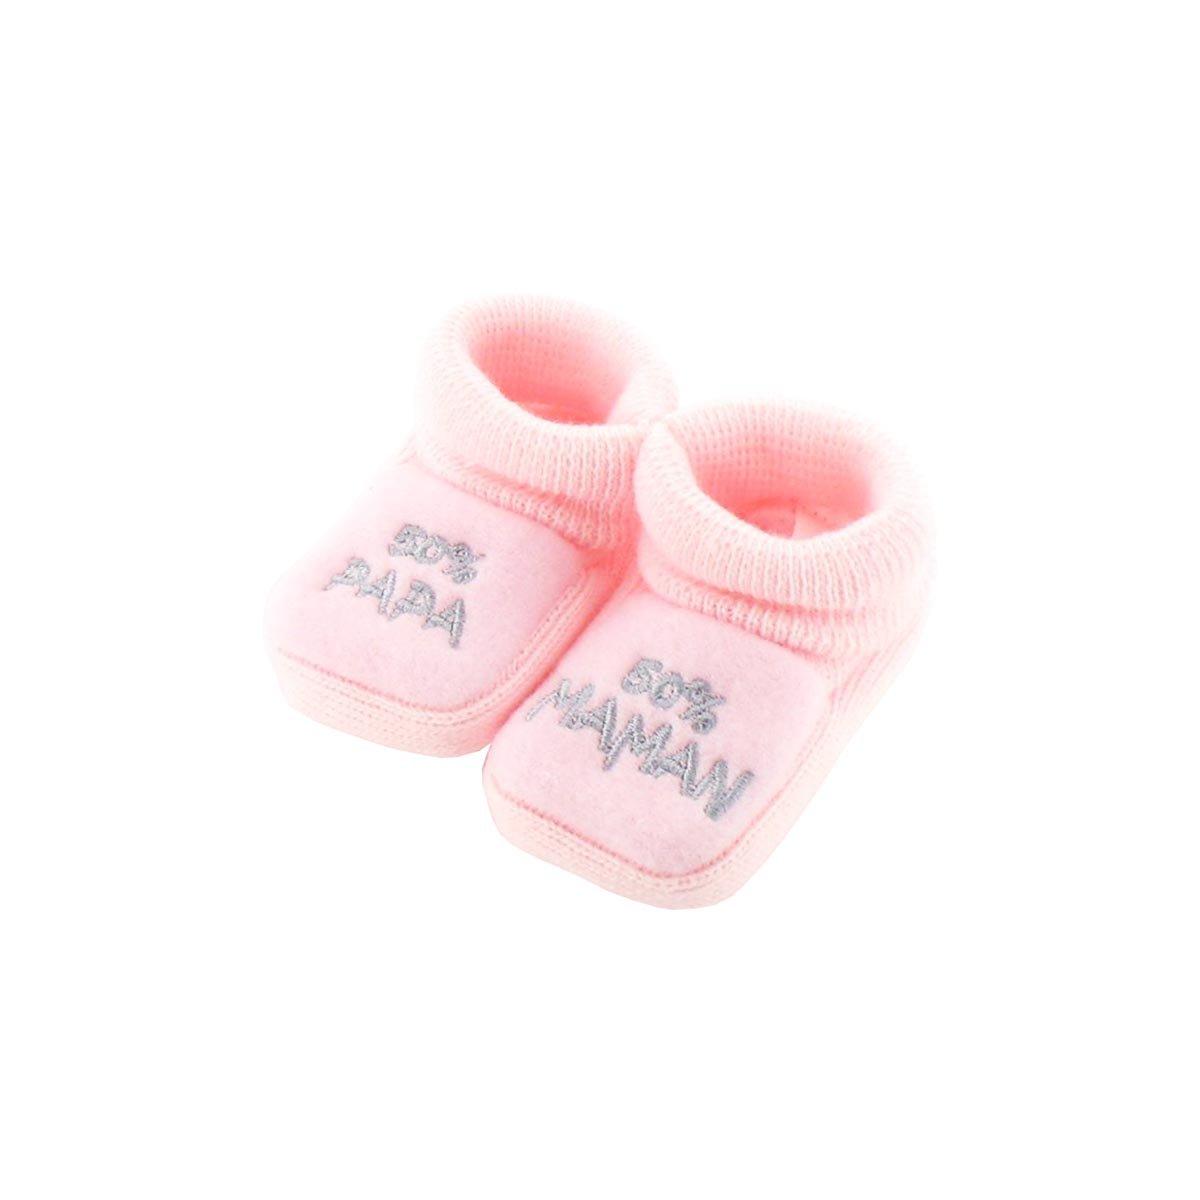 Chaussons pour bébé 0 à 3 Mois rose - 50 Maman 50 Papa Fruit de ma Passion